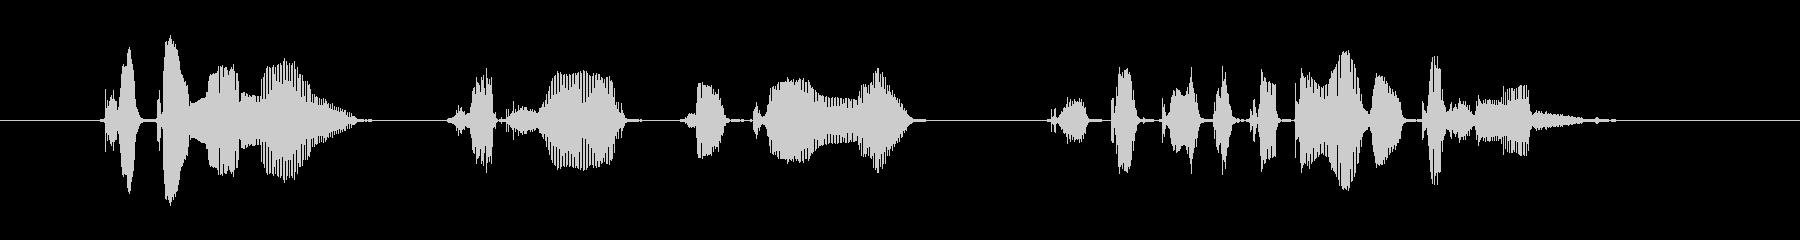 許可のない撮影・録音は固くお断りの未再生の波形